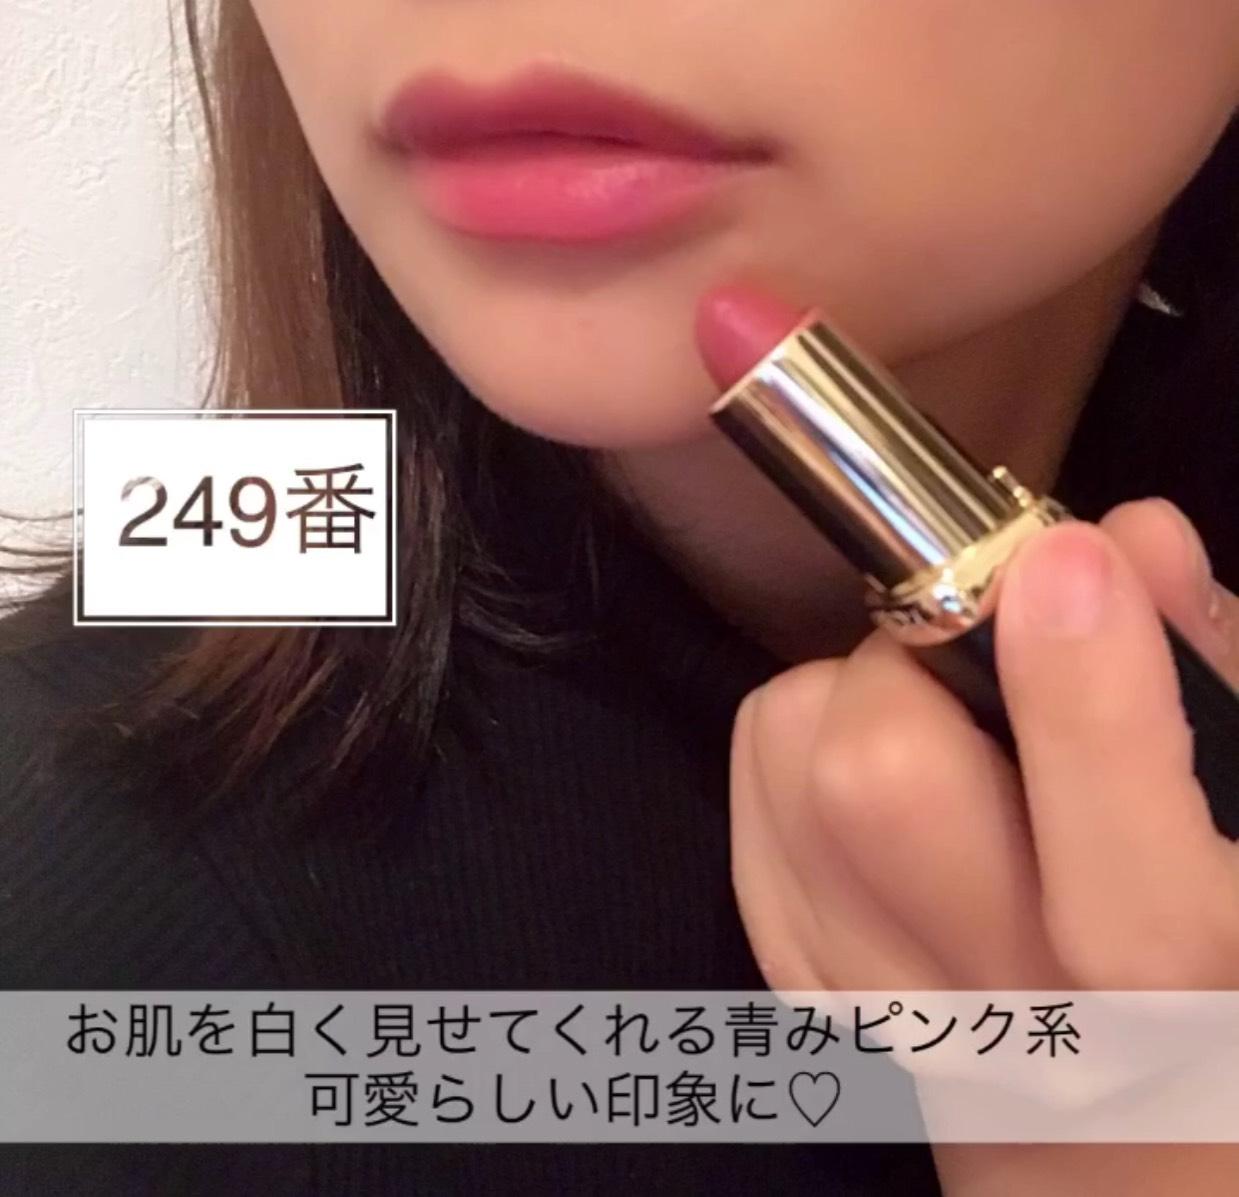 249番 ドレッシーピンク 青みピンク系で、お肌を白く見せてくれるなあって思いました(^^) 少し、甘めな印象になります♡デートに良さそう!